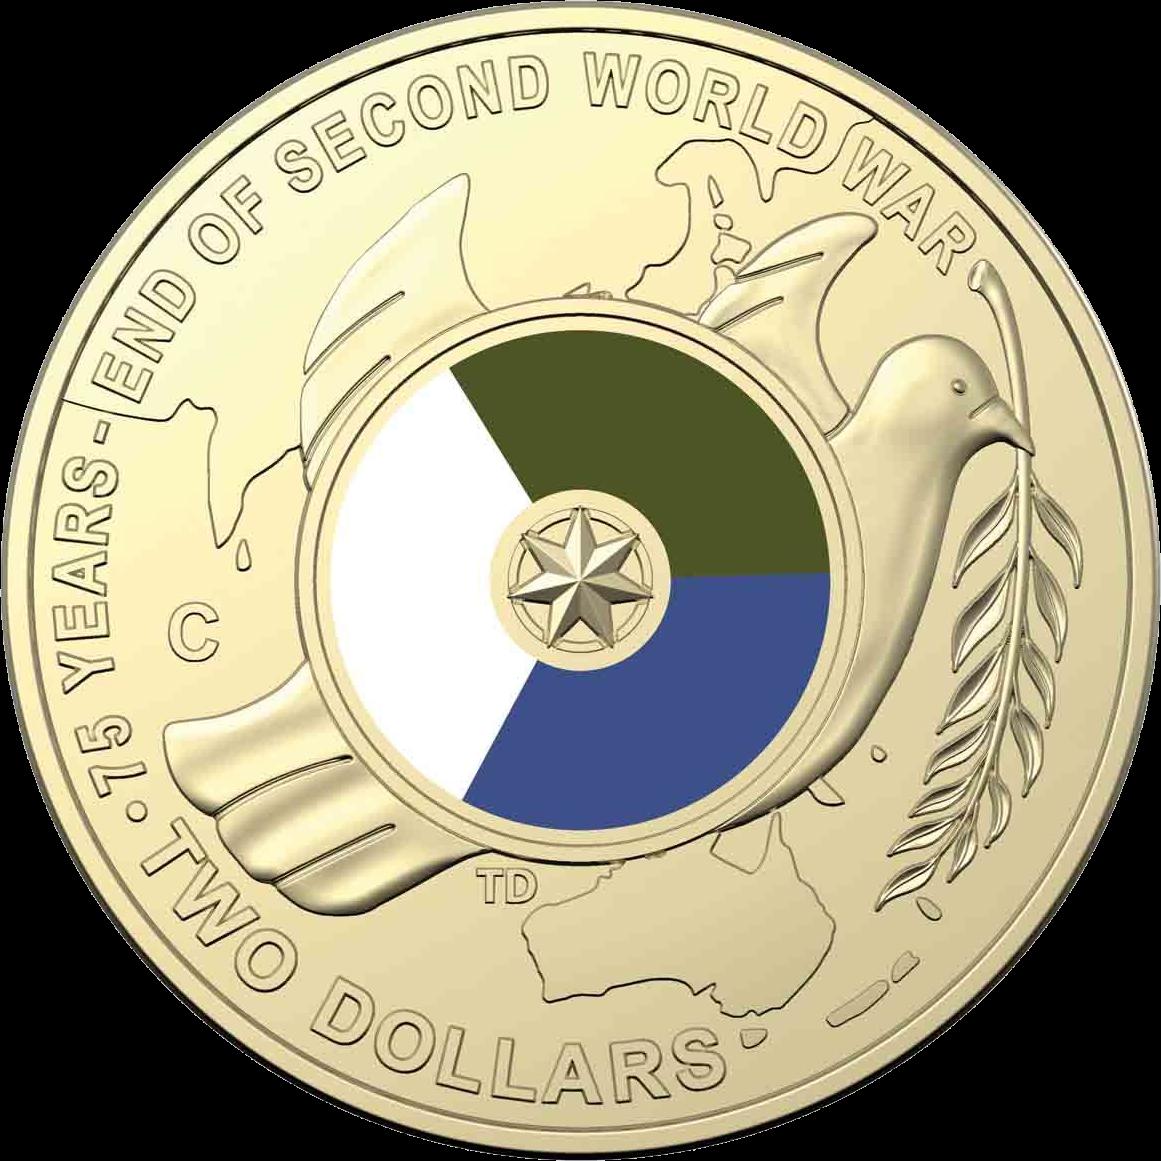 Австралия монета 2 доллара 75 лет со дня окончания Второй Мировой войны, реверс